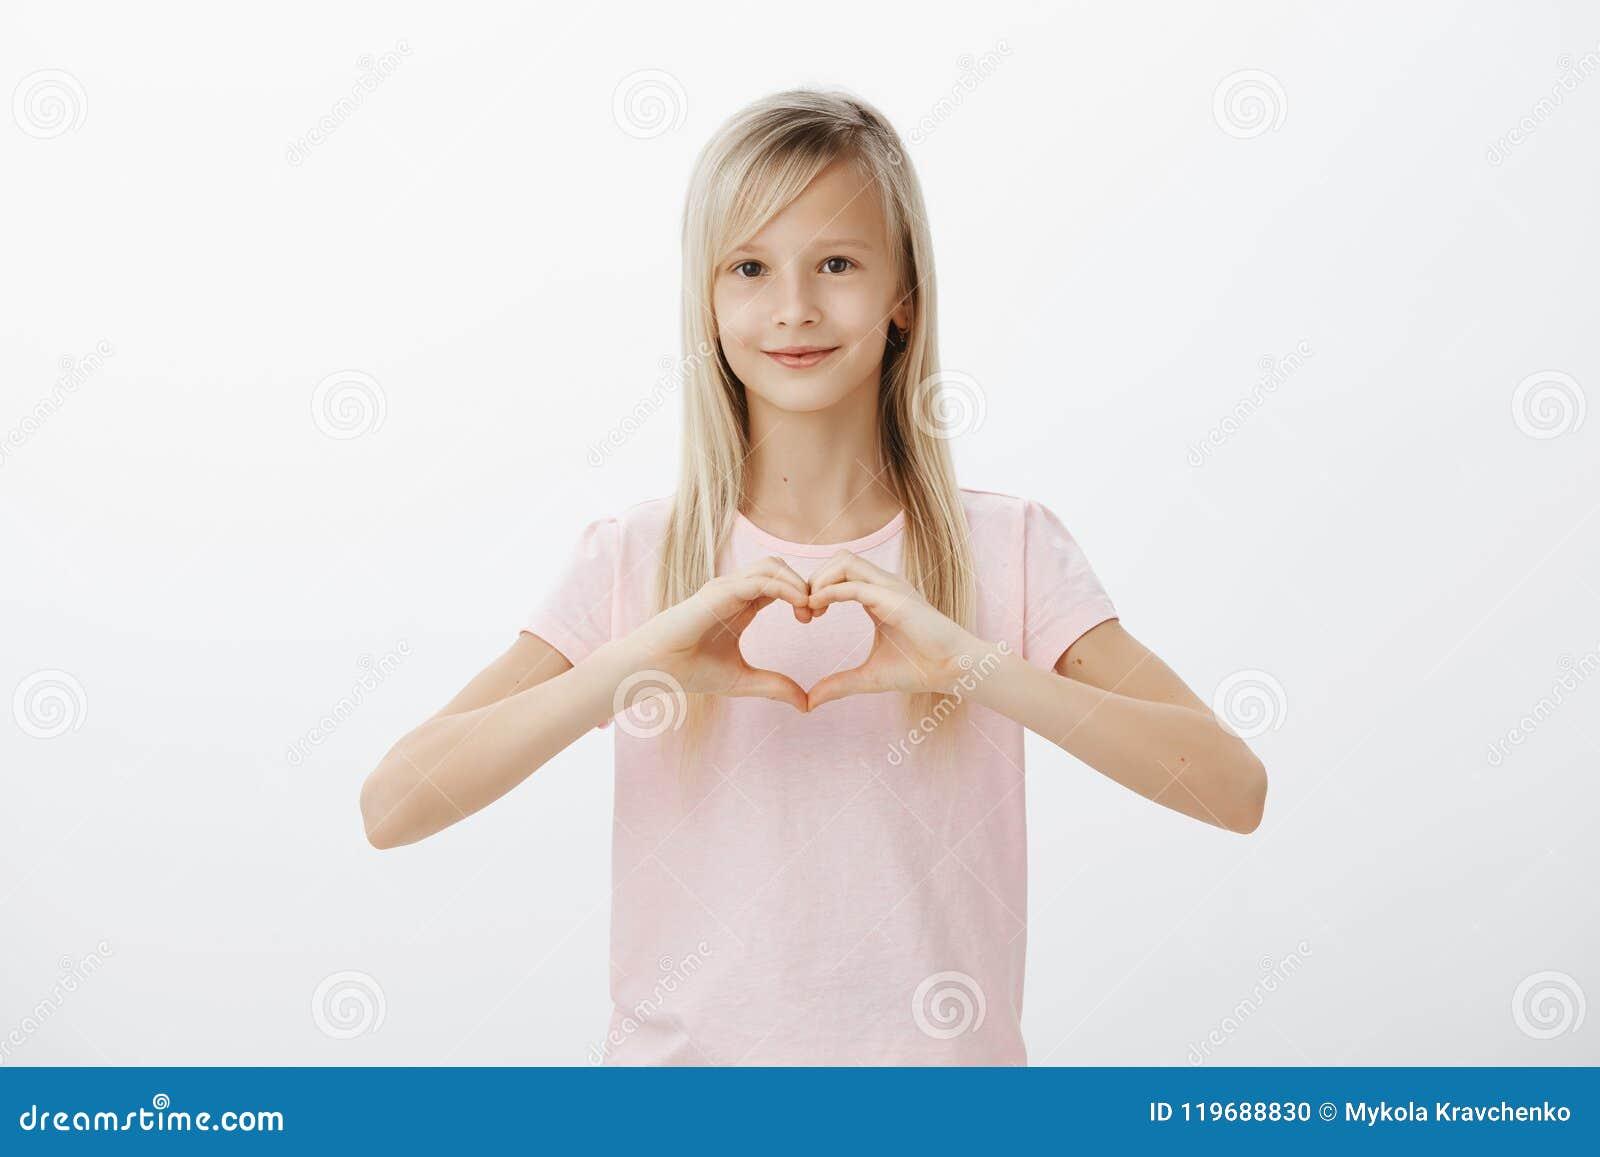 47908f936 Ame minha família e amigos Disparado da moça europeia bonito positiva com  cabelo justo